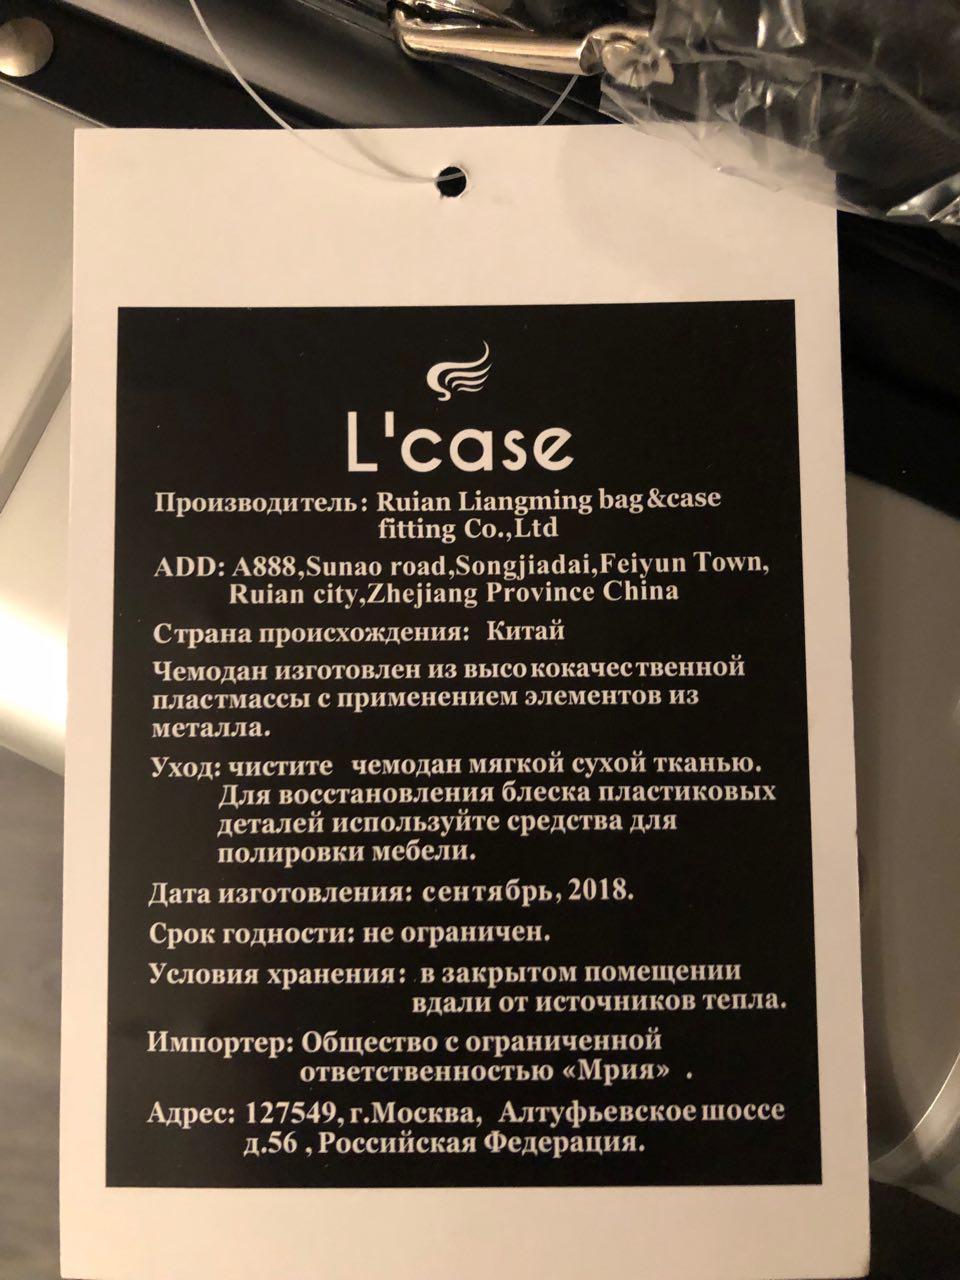 OZON.ru - 4 дня просрочки доставки и привезли не тот товар